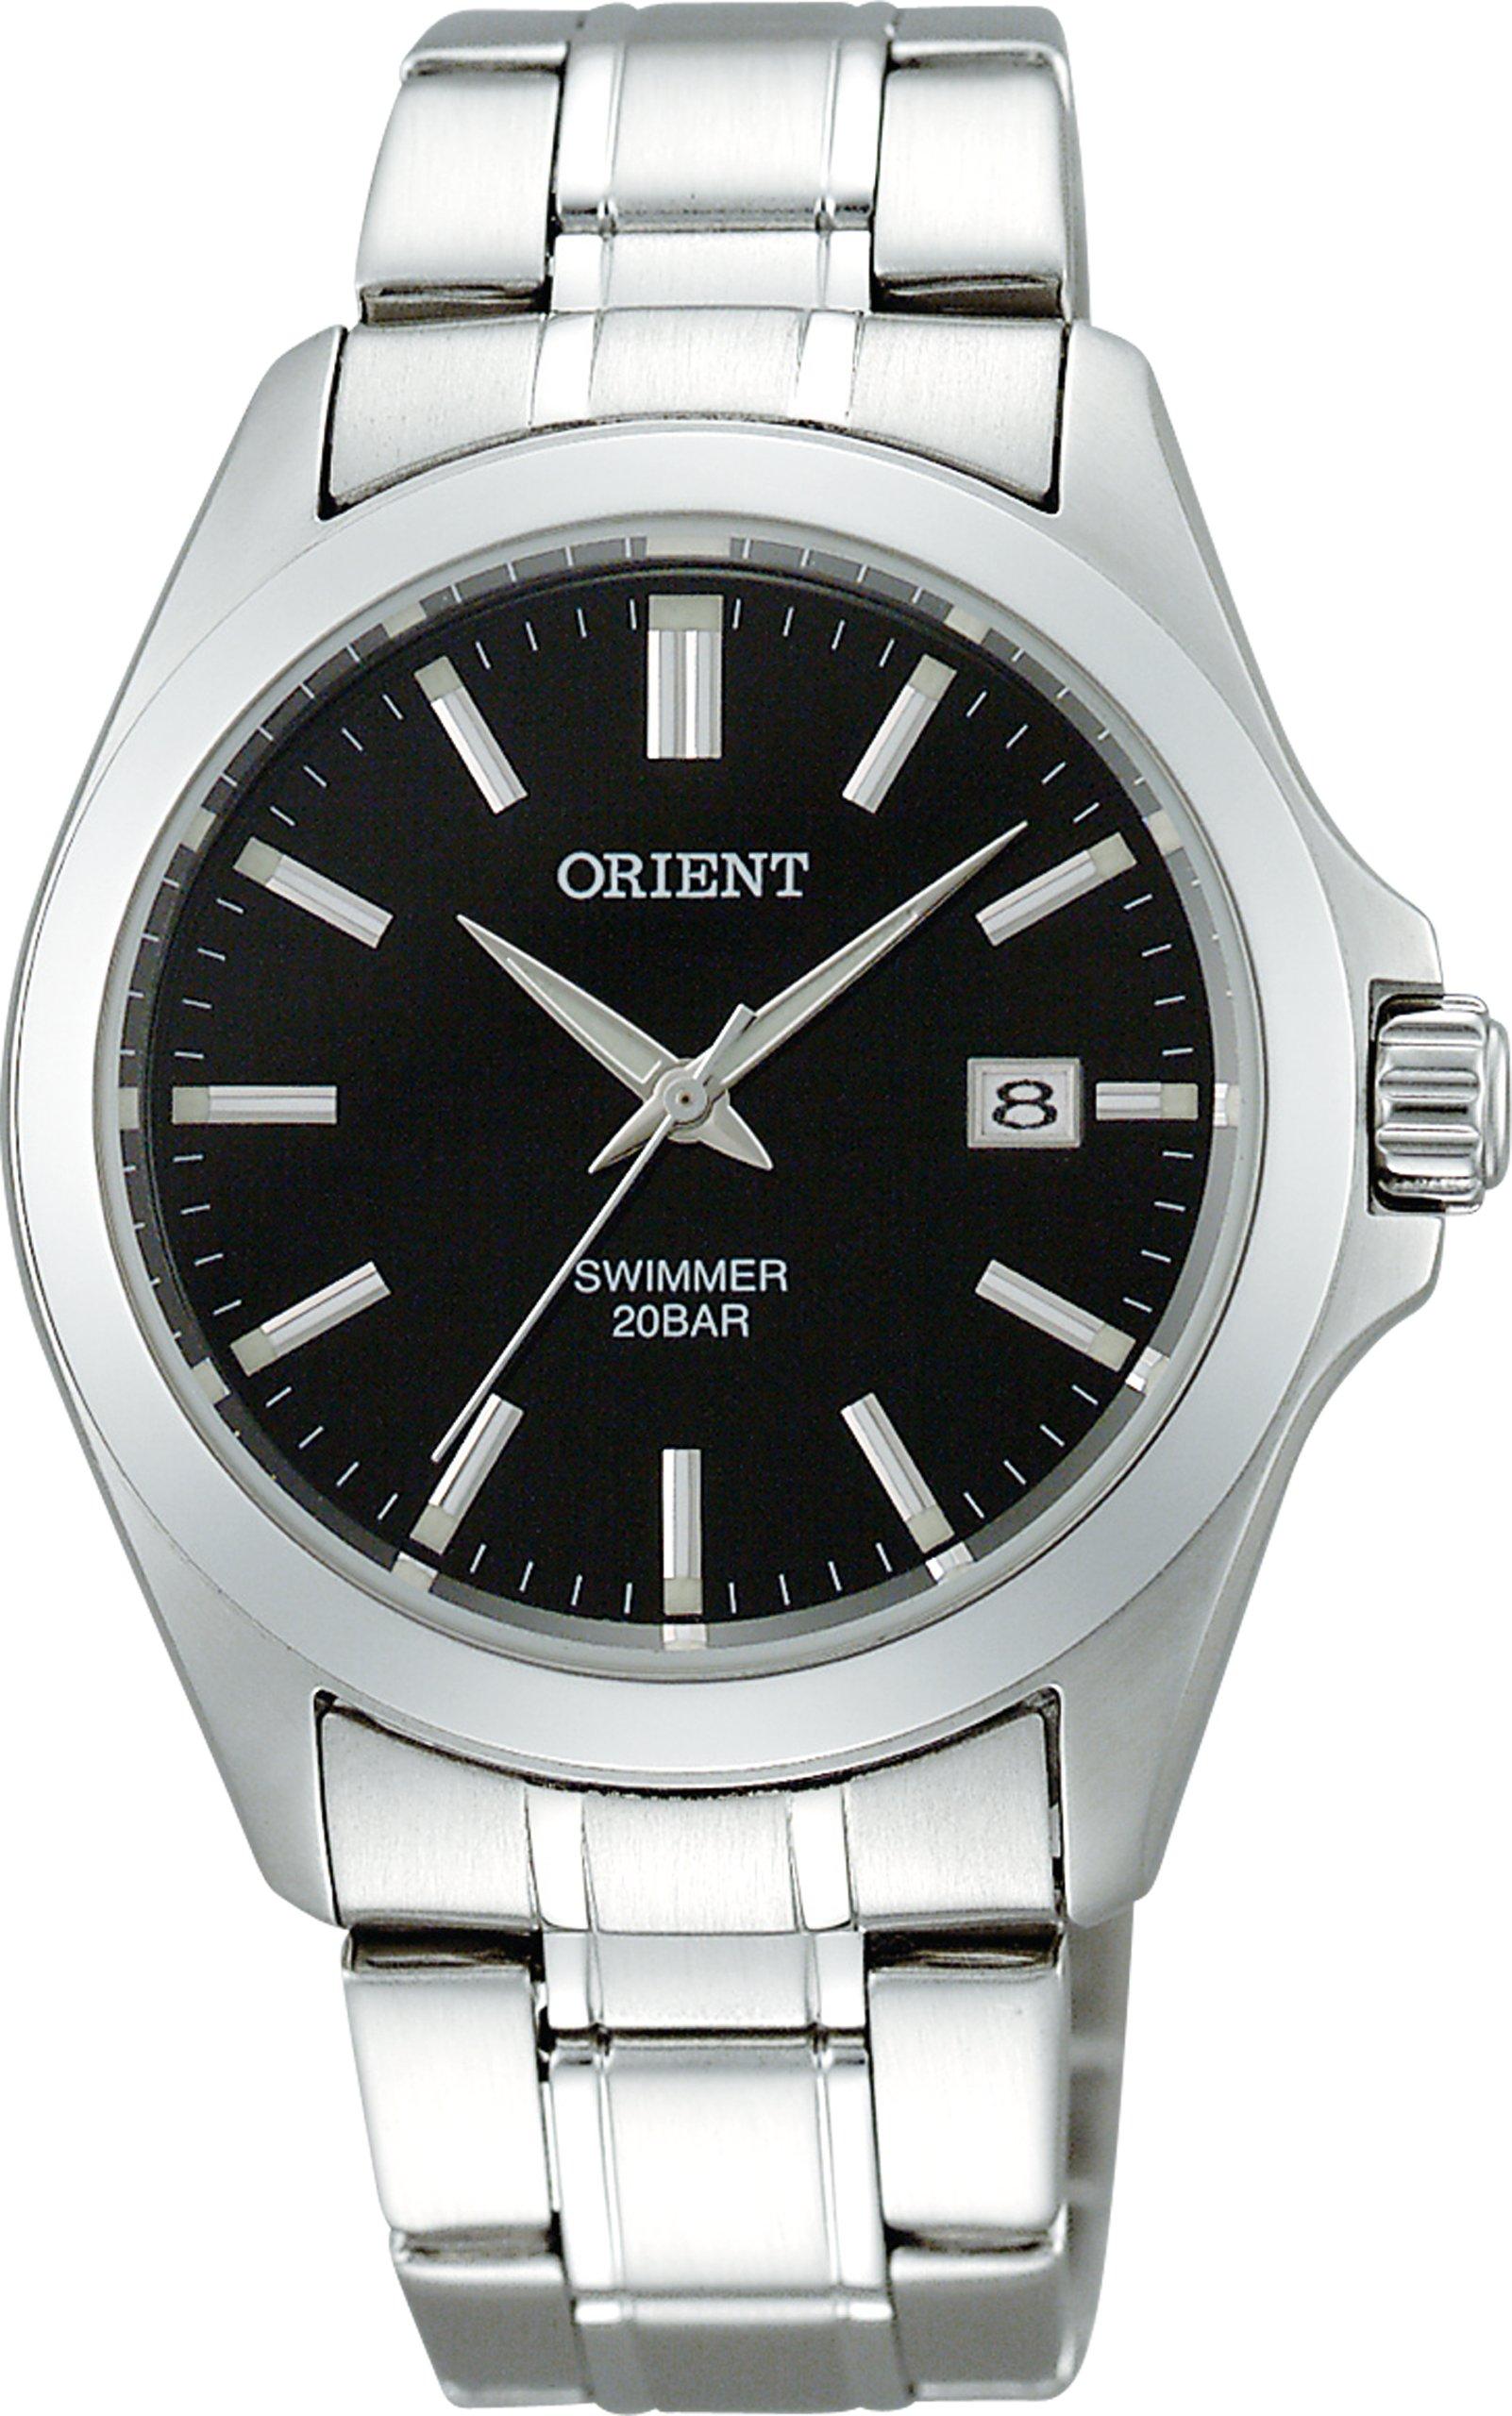 [オリエント]ORIENT 腕時計 クォーツ SWIMMER スイマー WW0021GZ メンズ